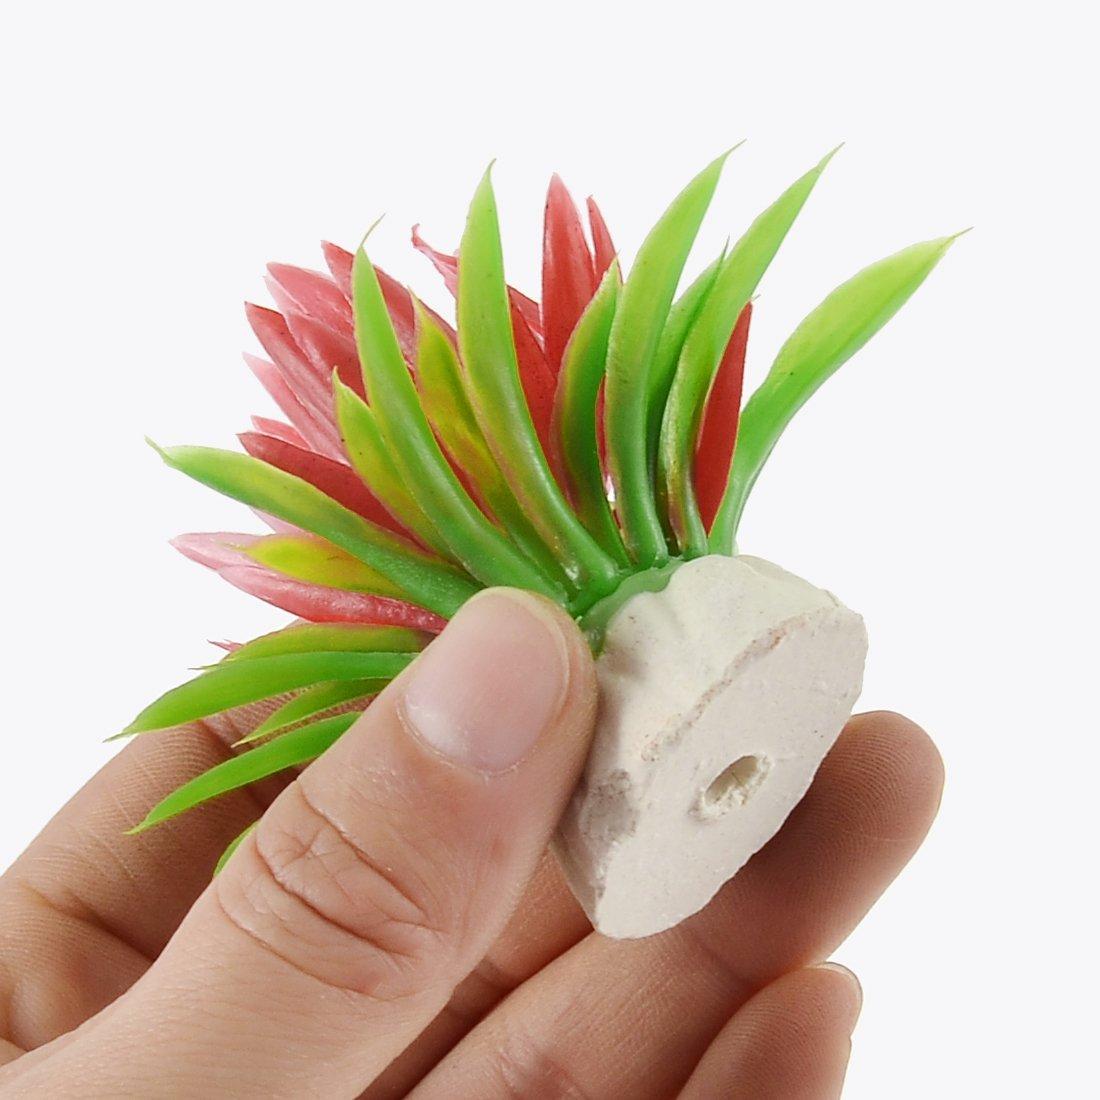 Amazon.com : eDealMax Flores hierba Planta Aquaric plástico pecera artificiales Submarino 10pcs : Pet Supplies